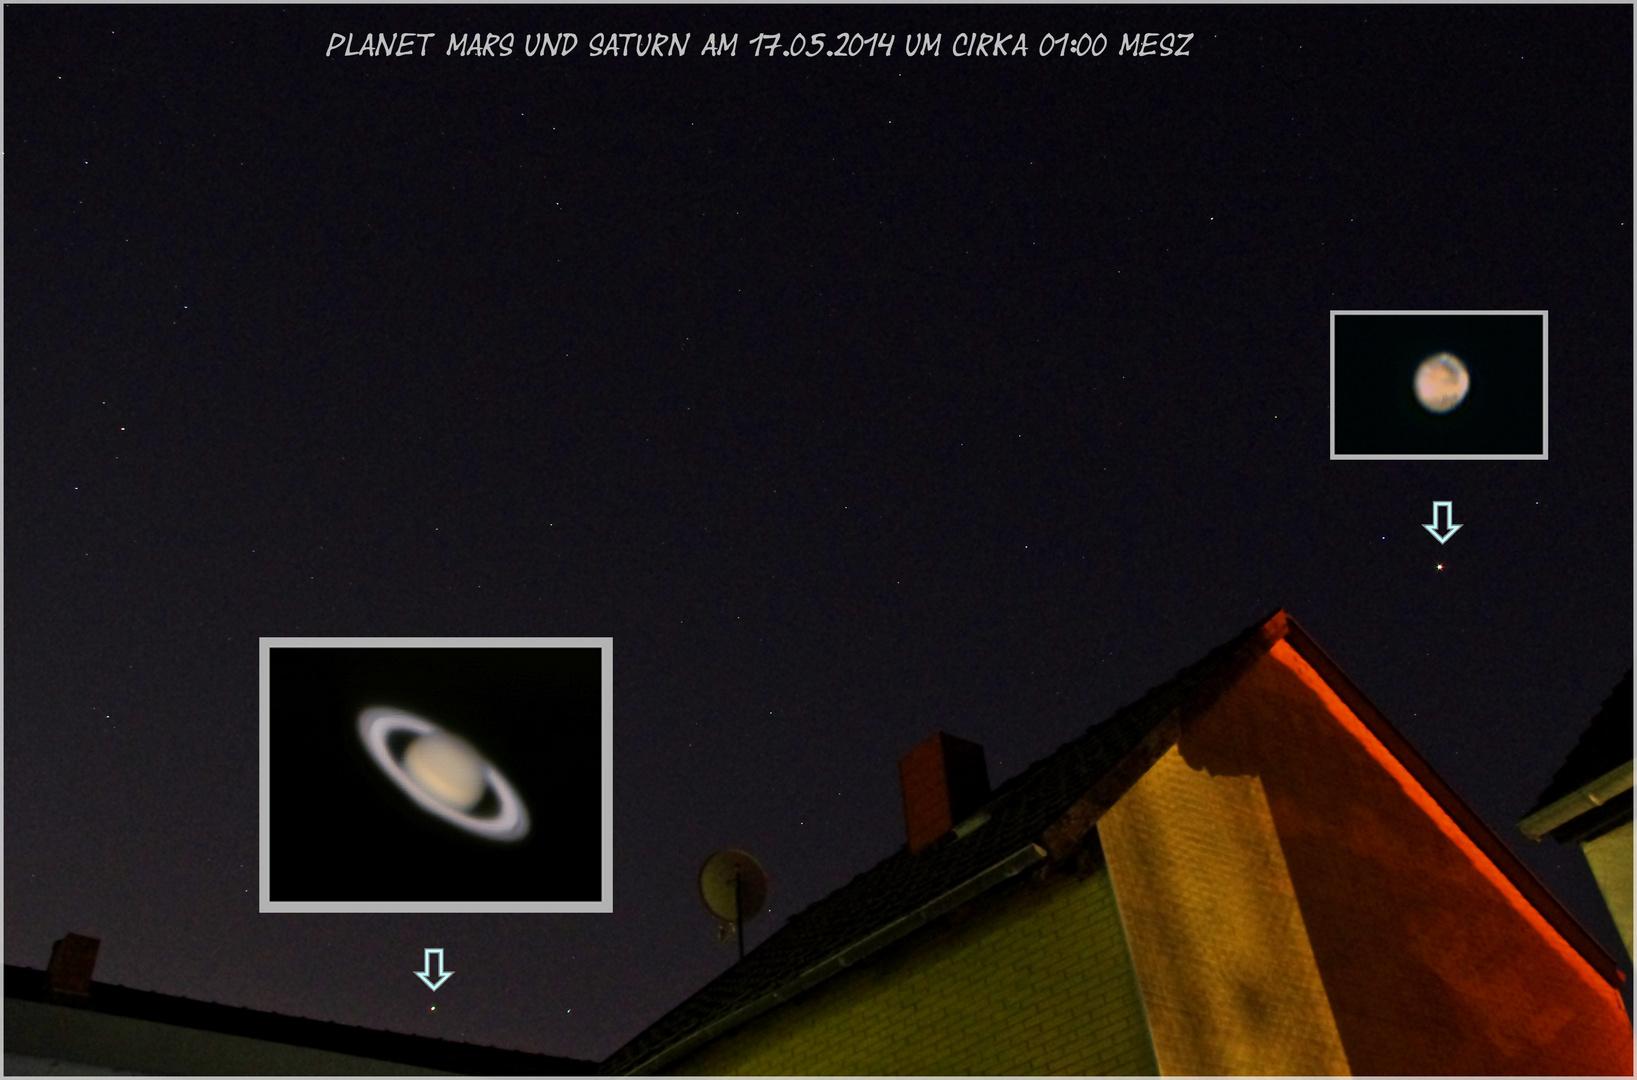 Mars und Saturn am 17.05.2014